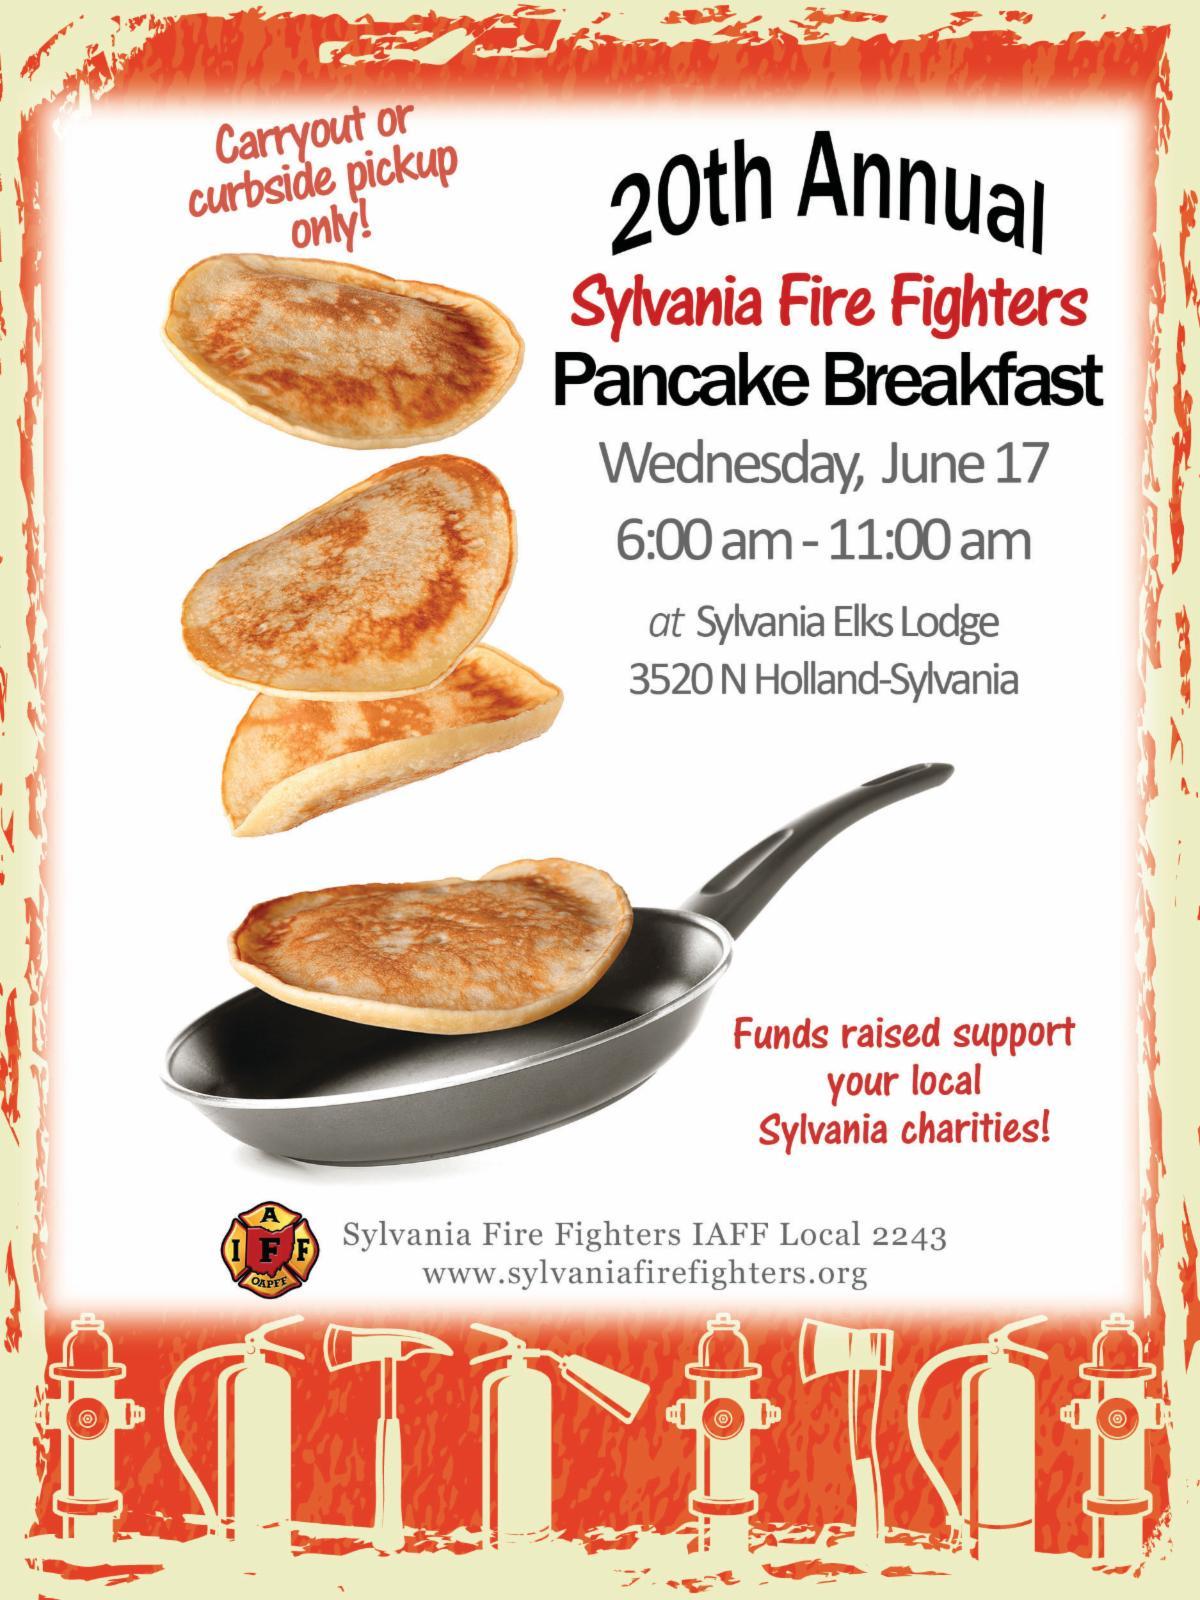 firefighters pancake breakfast